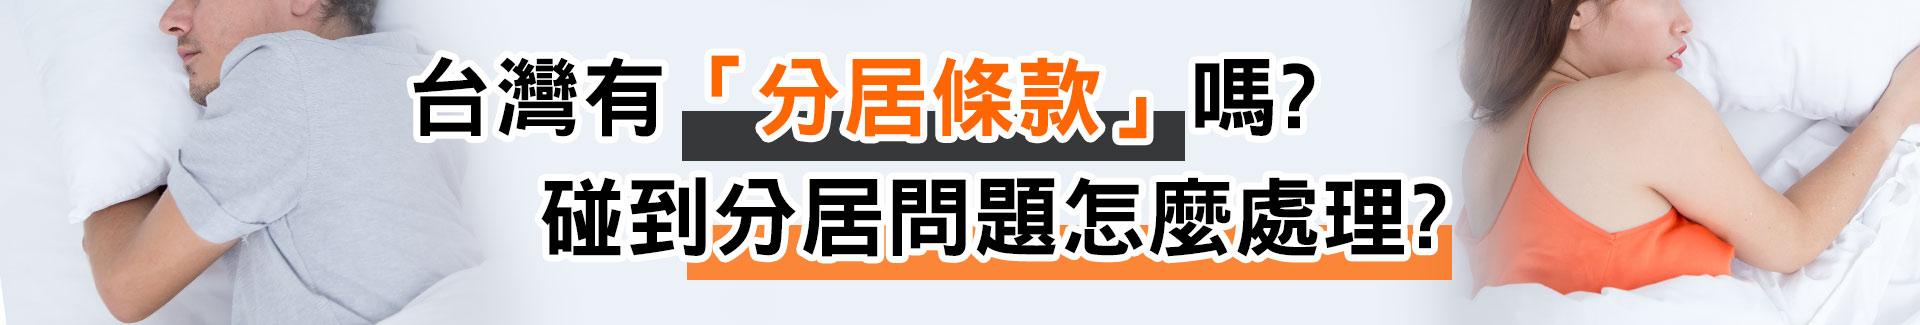 台灣有「分居條款」嗎